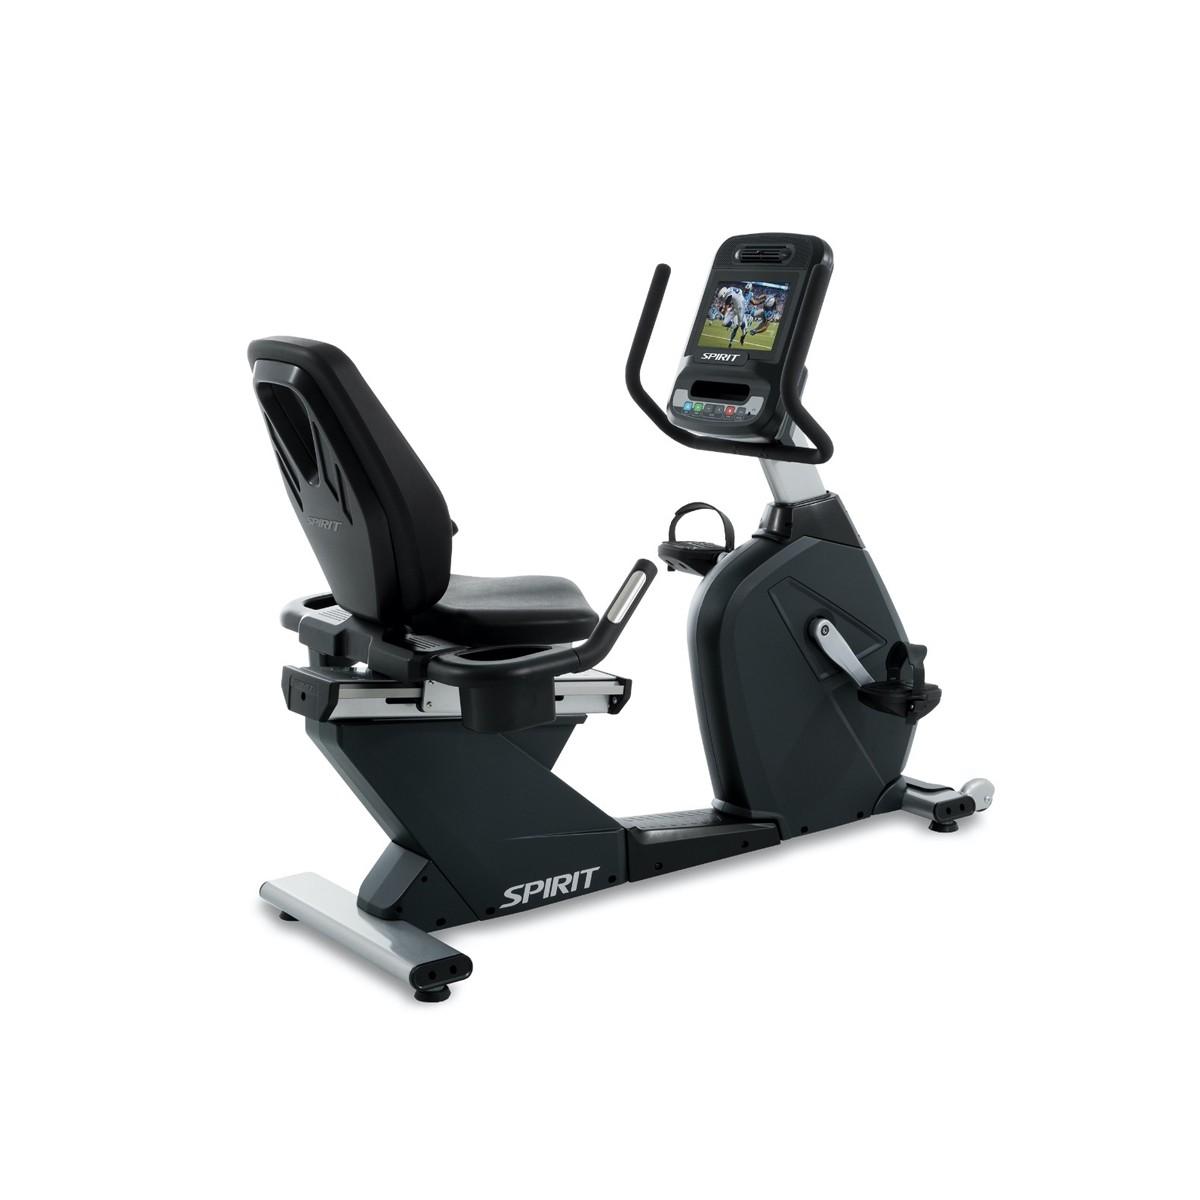 Купить Велотренажер SPIRIT CR900 Коммерческое превосходство